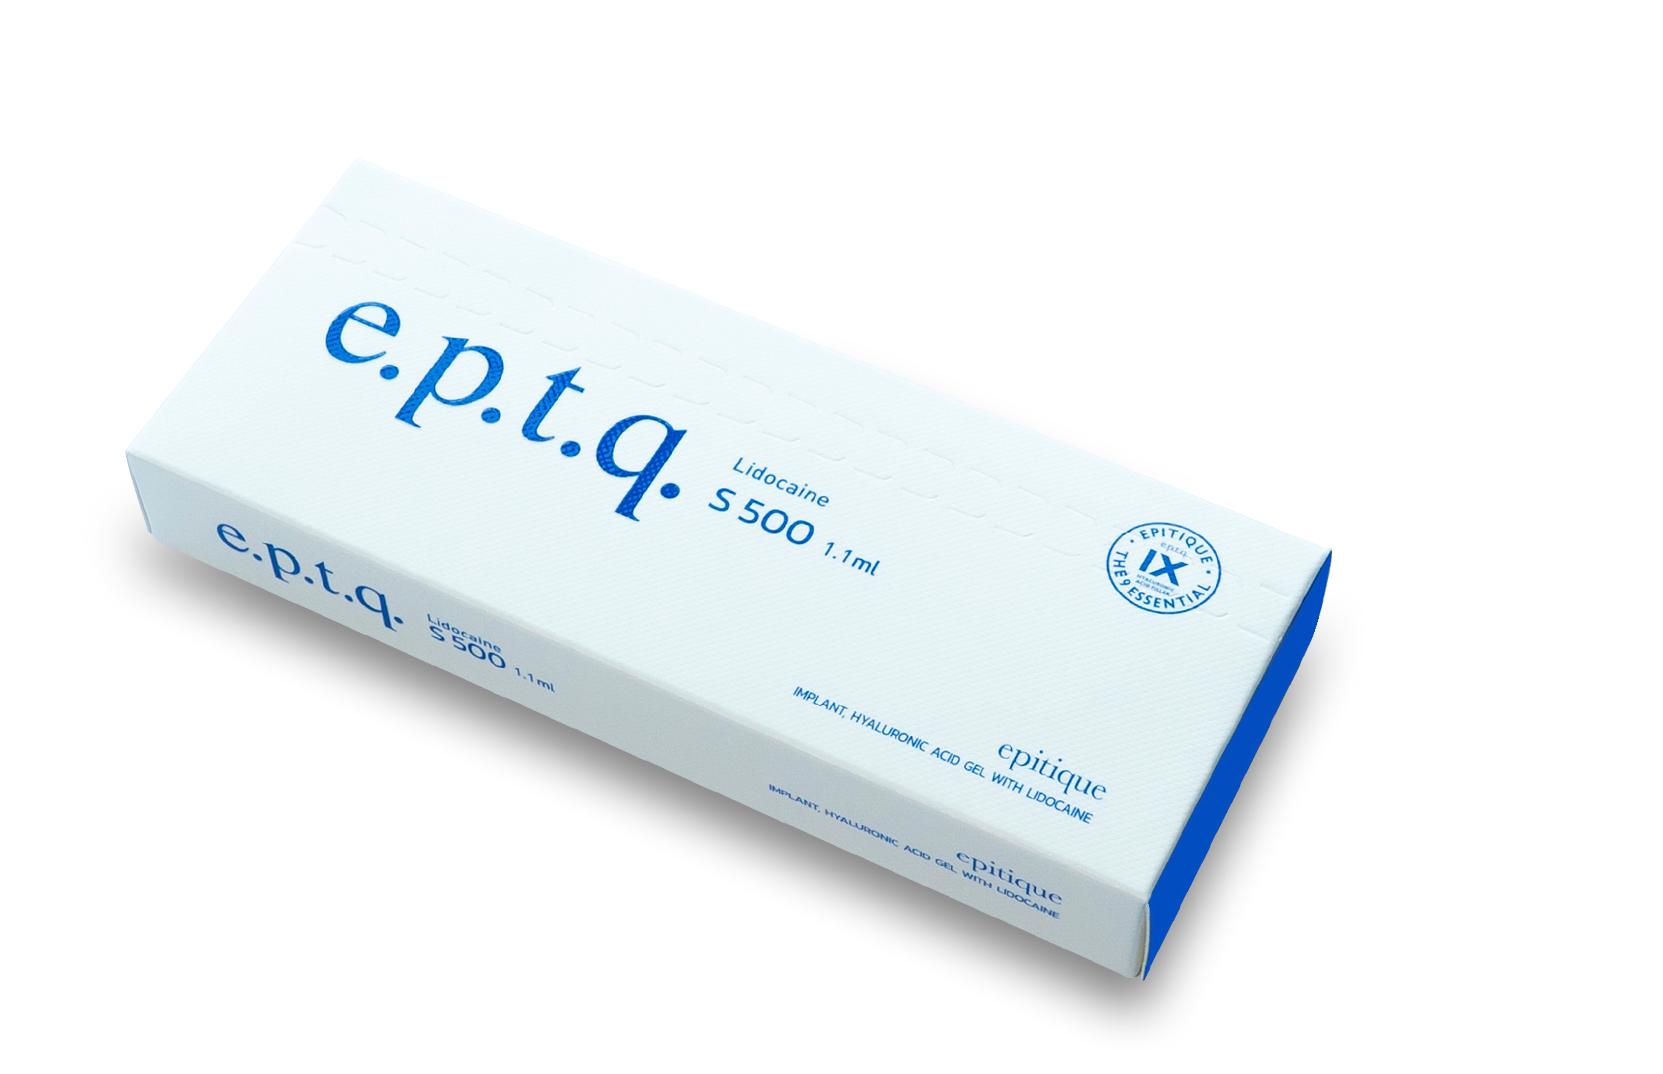 eptq s500 box white